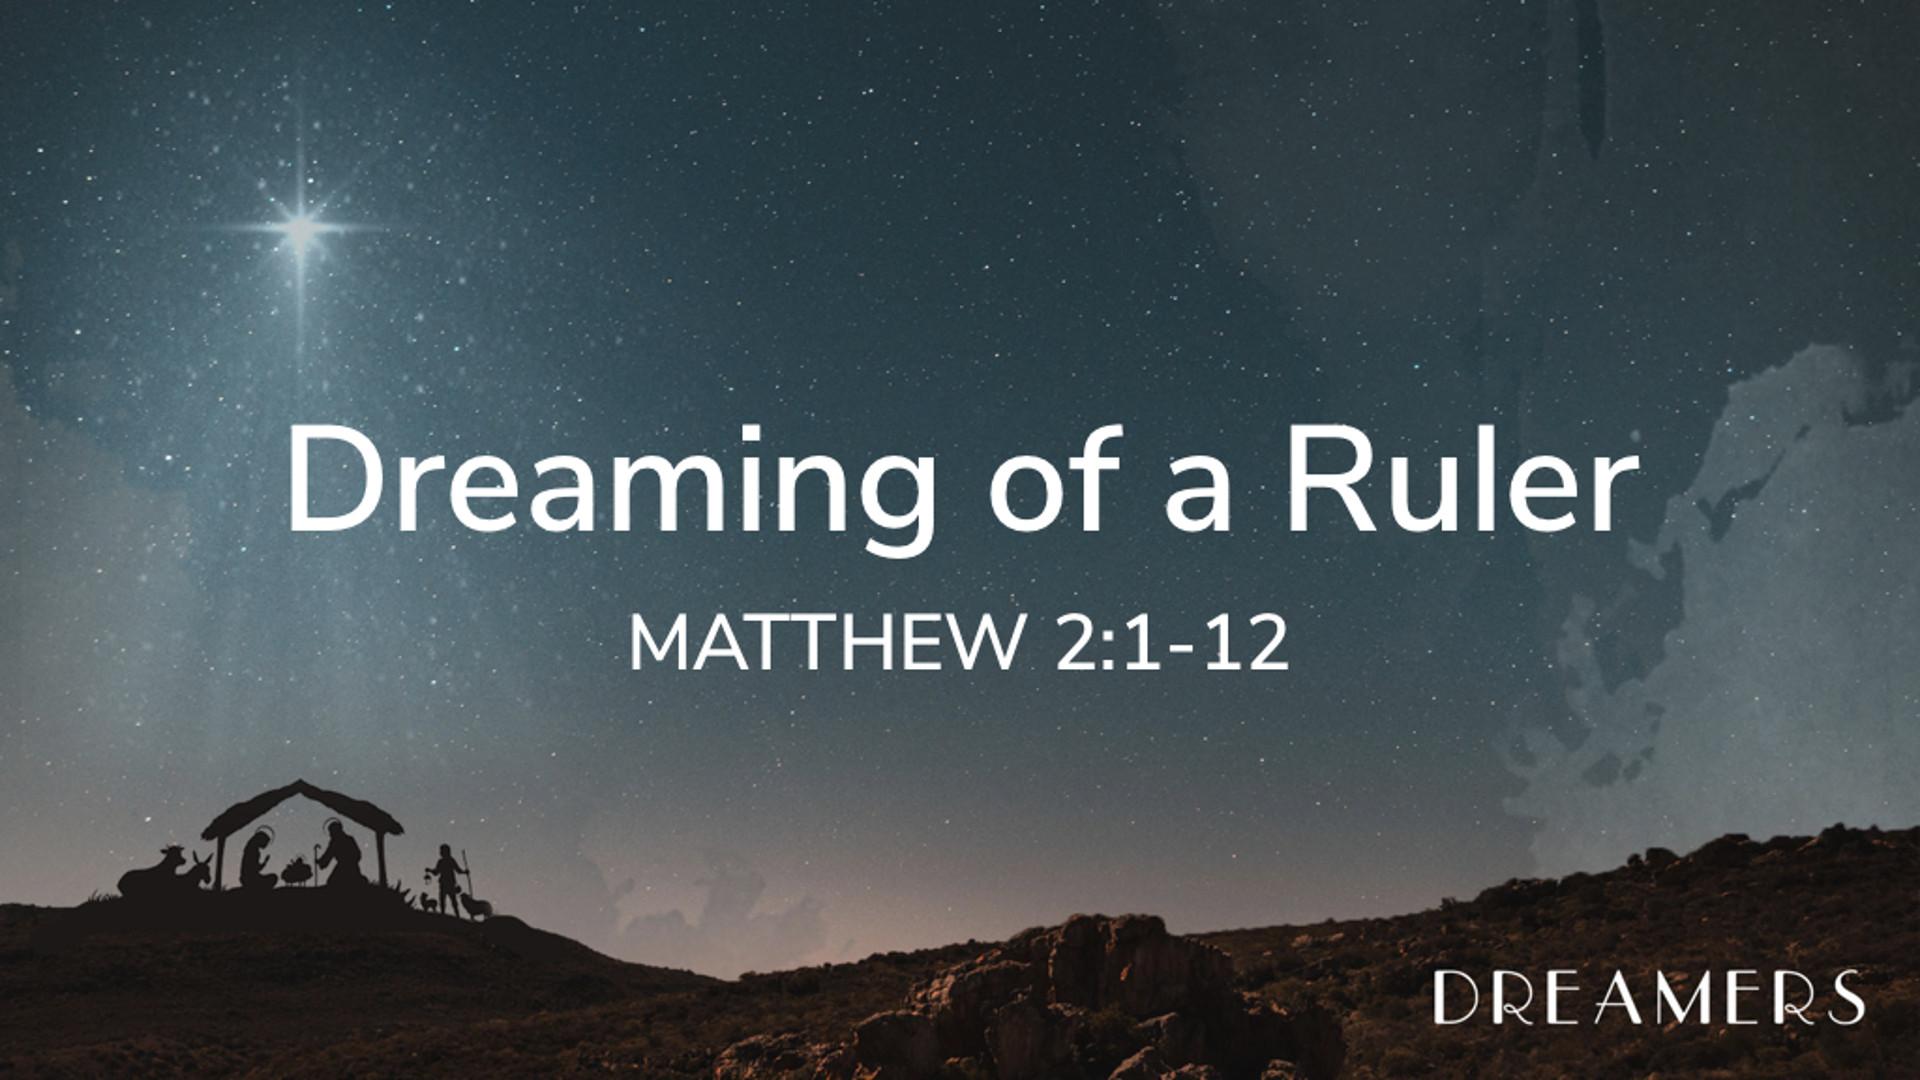 Matt 2.1-12 - Dreaming of a Ruler.jpg